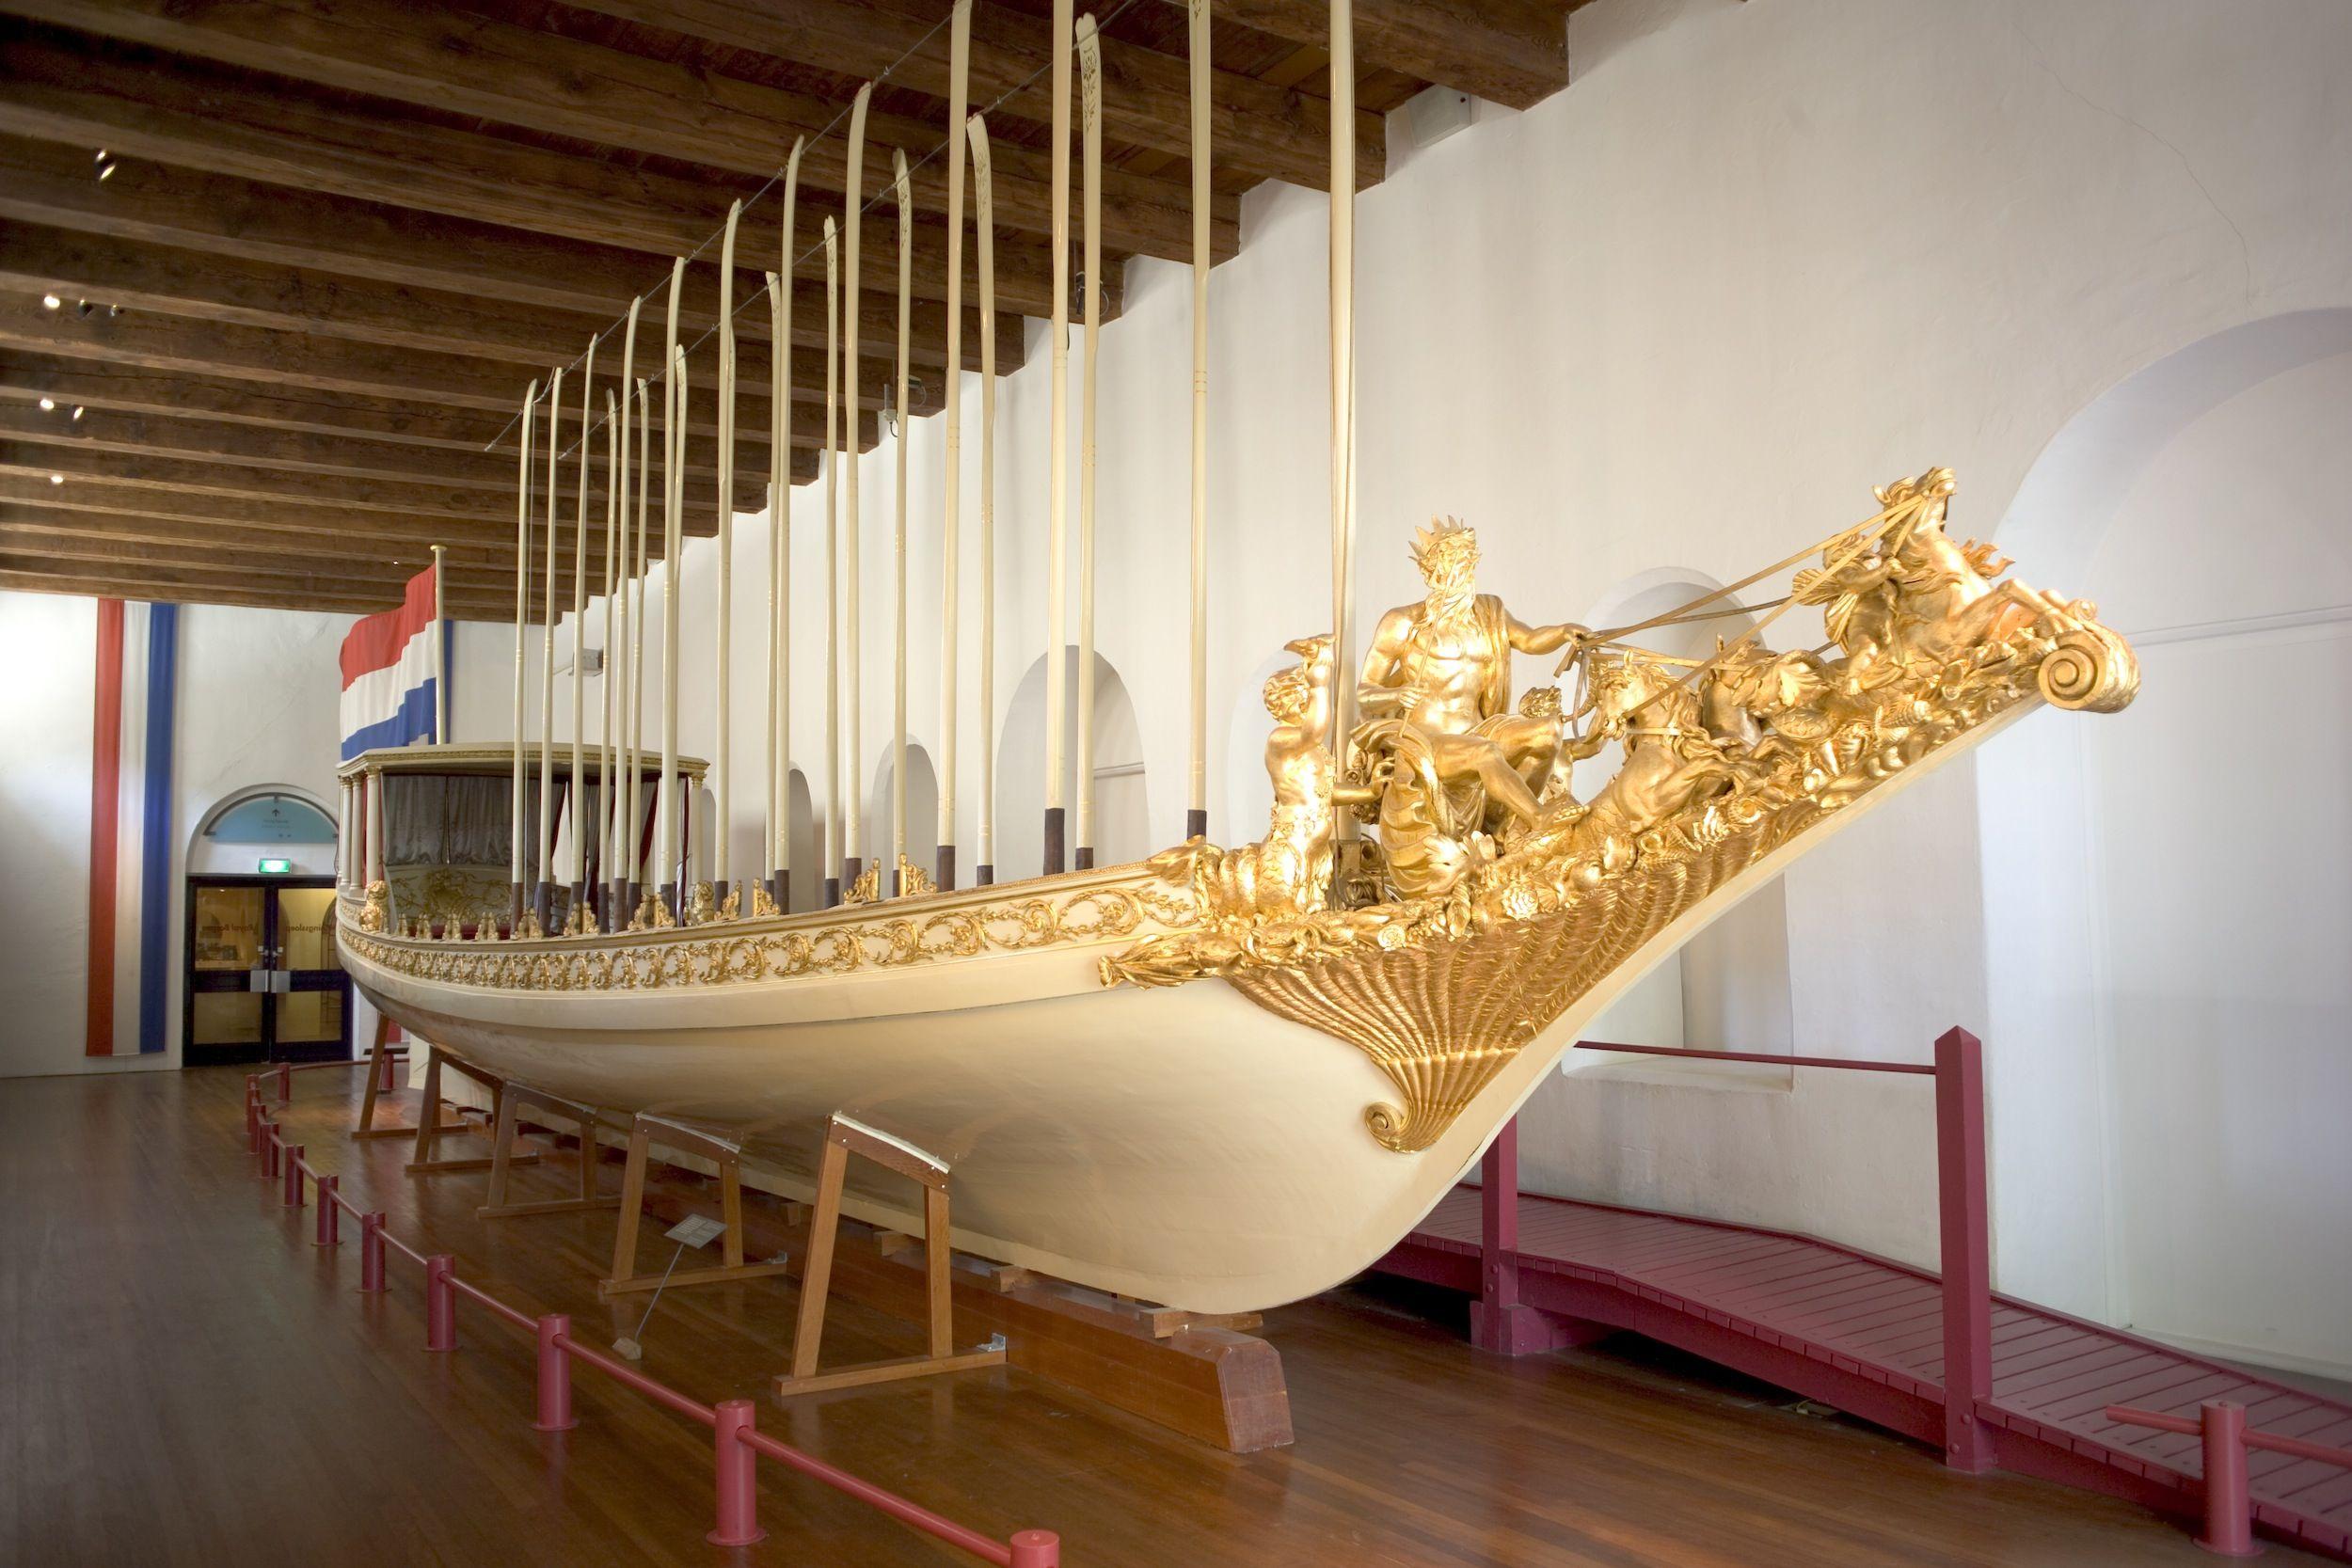 De Koningssloep in een van de oude zalen van het Scheepvaartmuseum